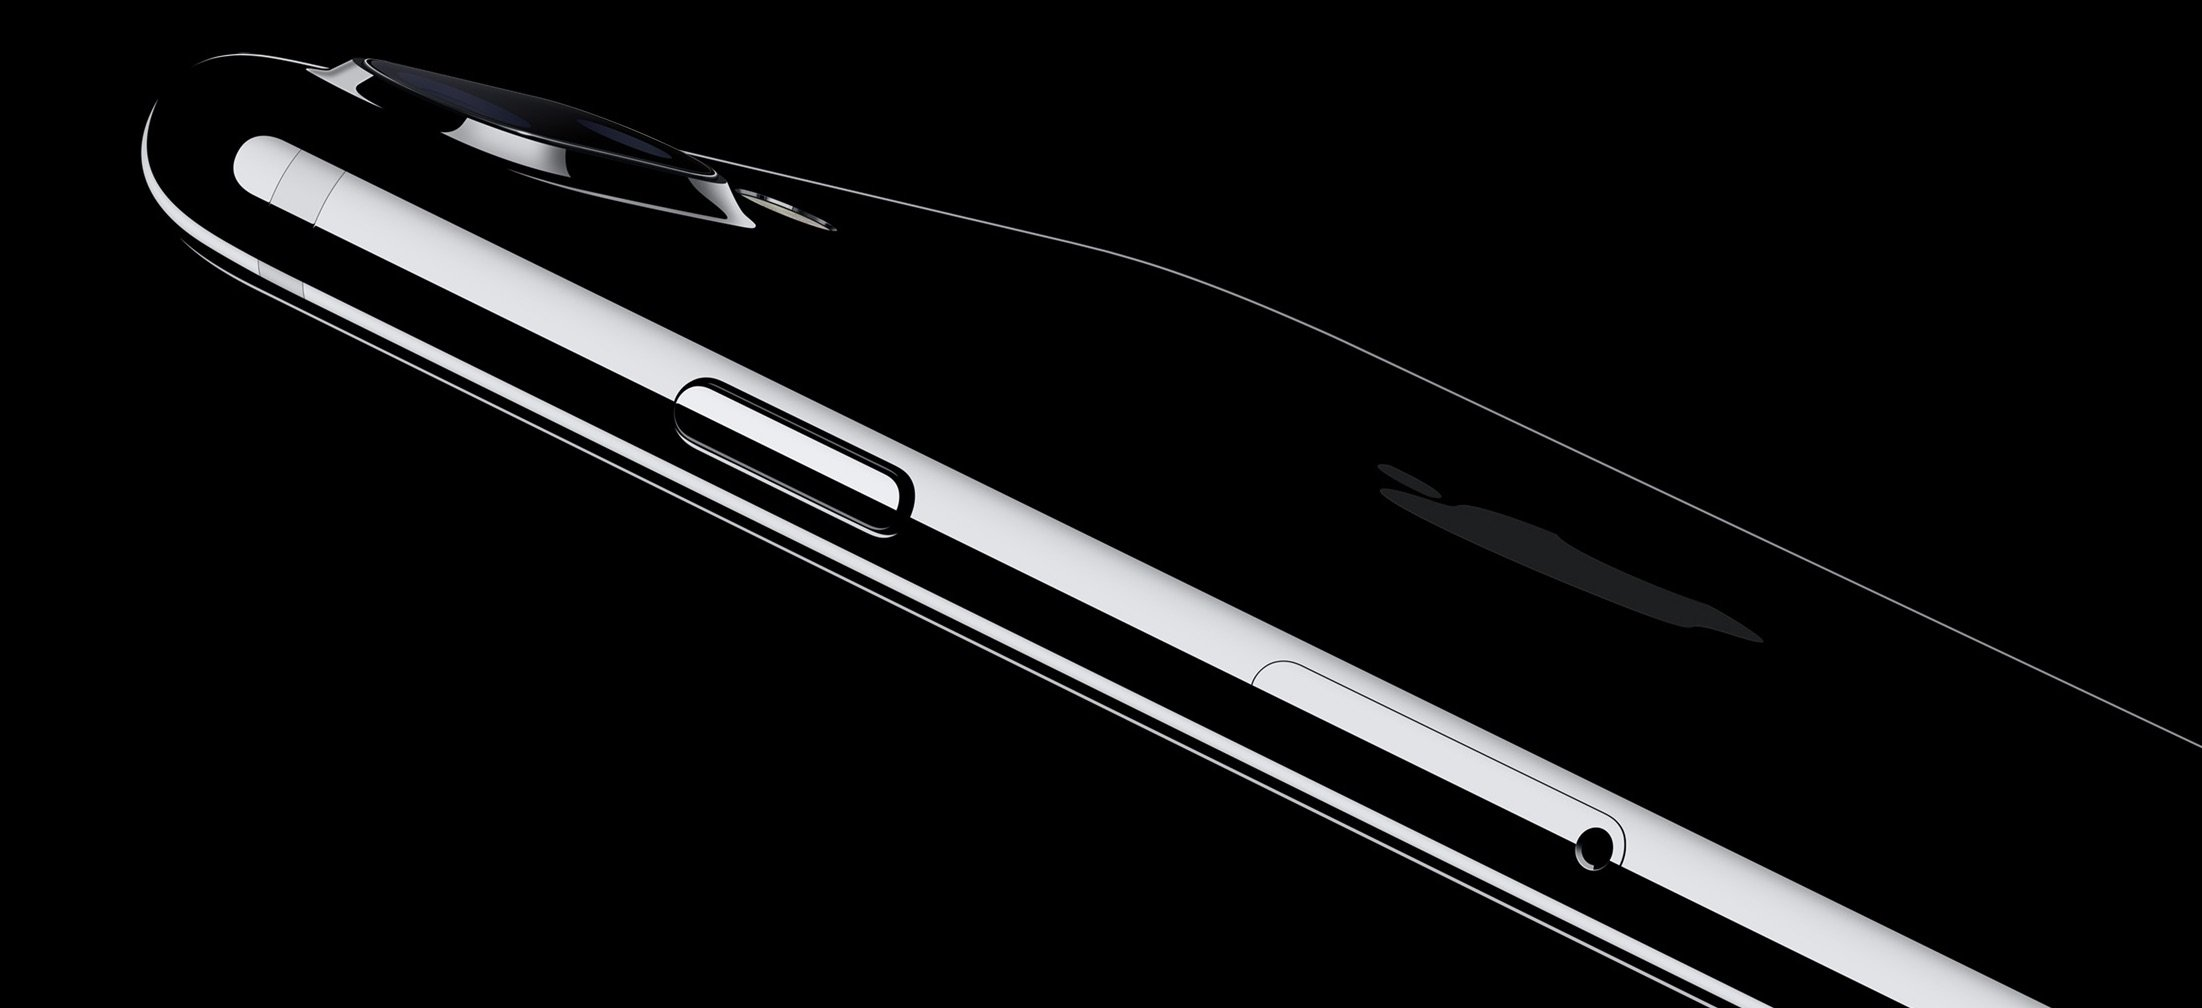 Vorsicht beim iPhone 7 Diamantschwarz / Jet Black Modell 10